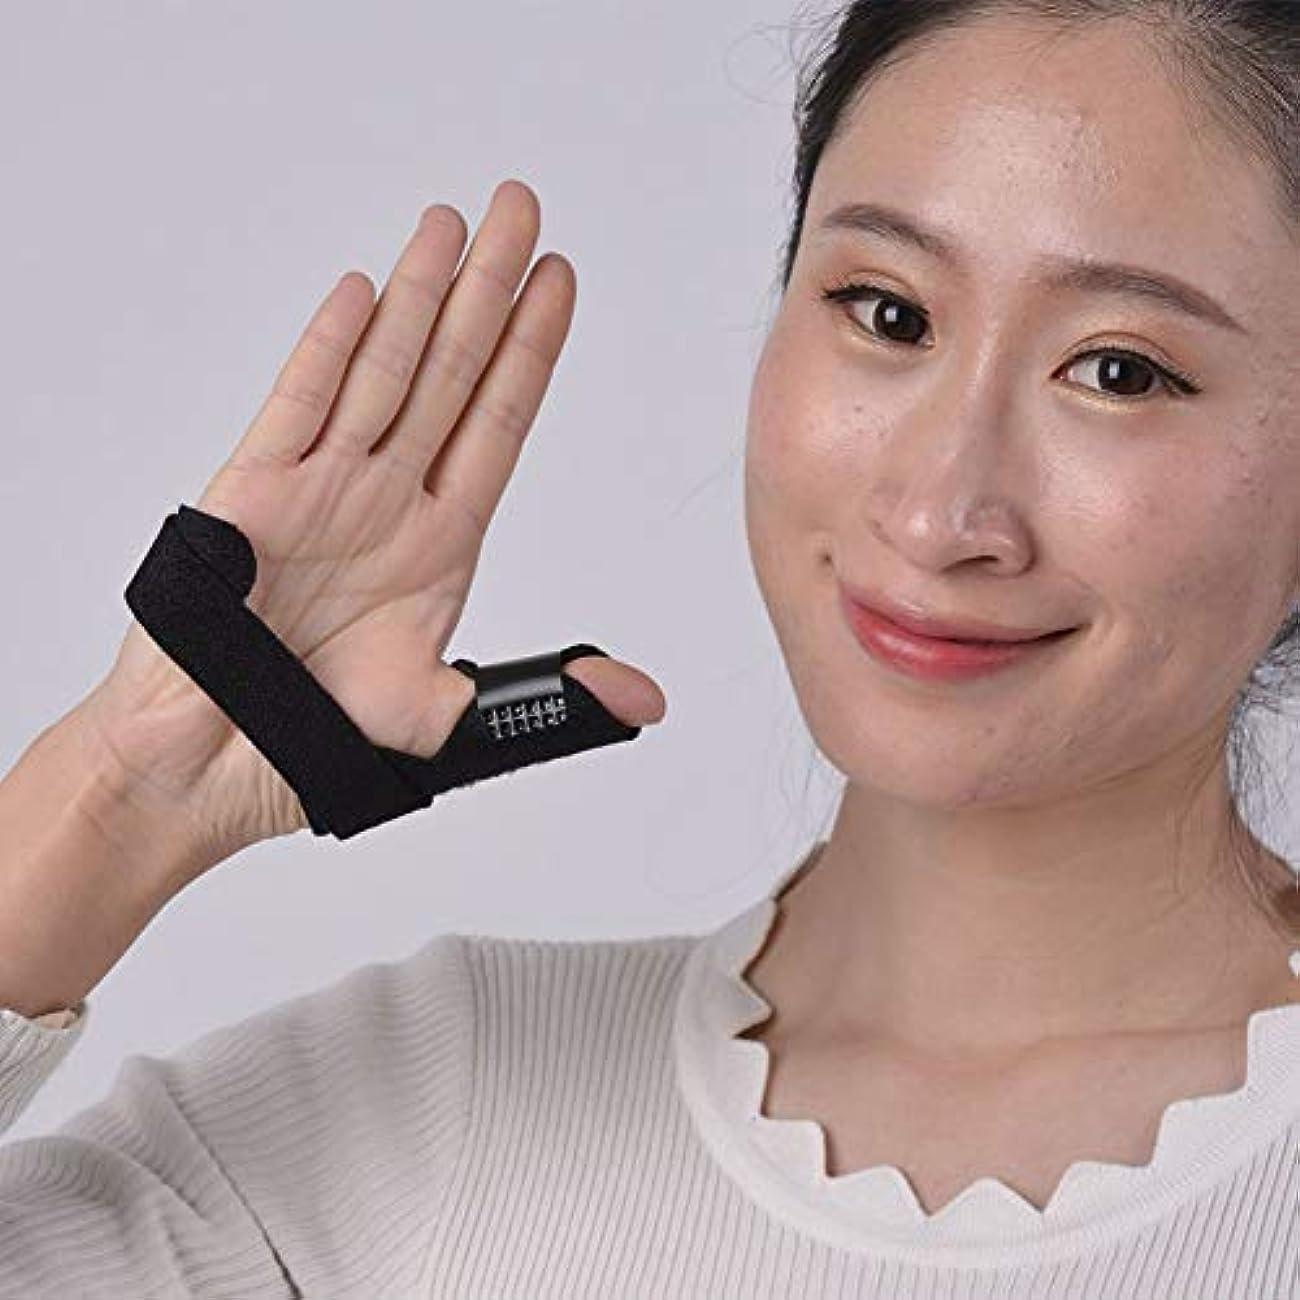 アブストラクトブレス悪党引き金指関節炎靭帯の痛み指骨折創傷術後のケアと痛みを軽減するための指ストレイテナー固定副木